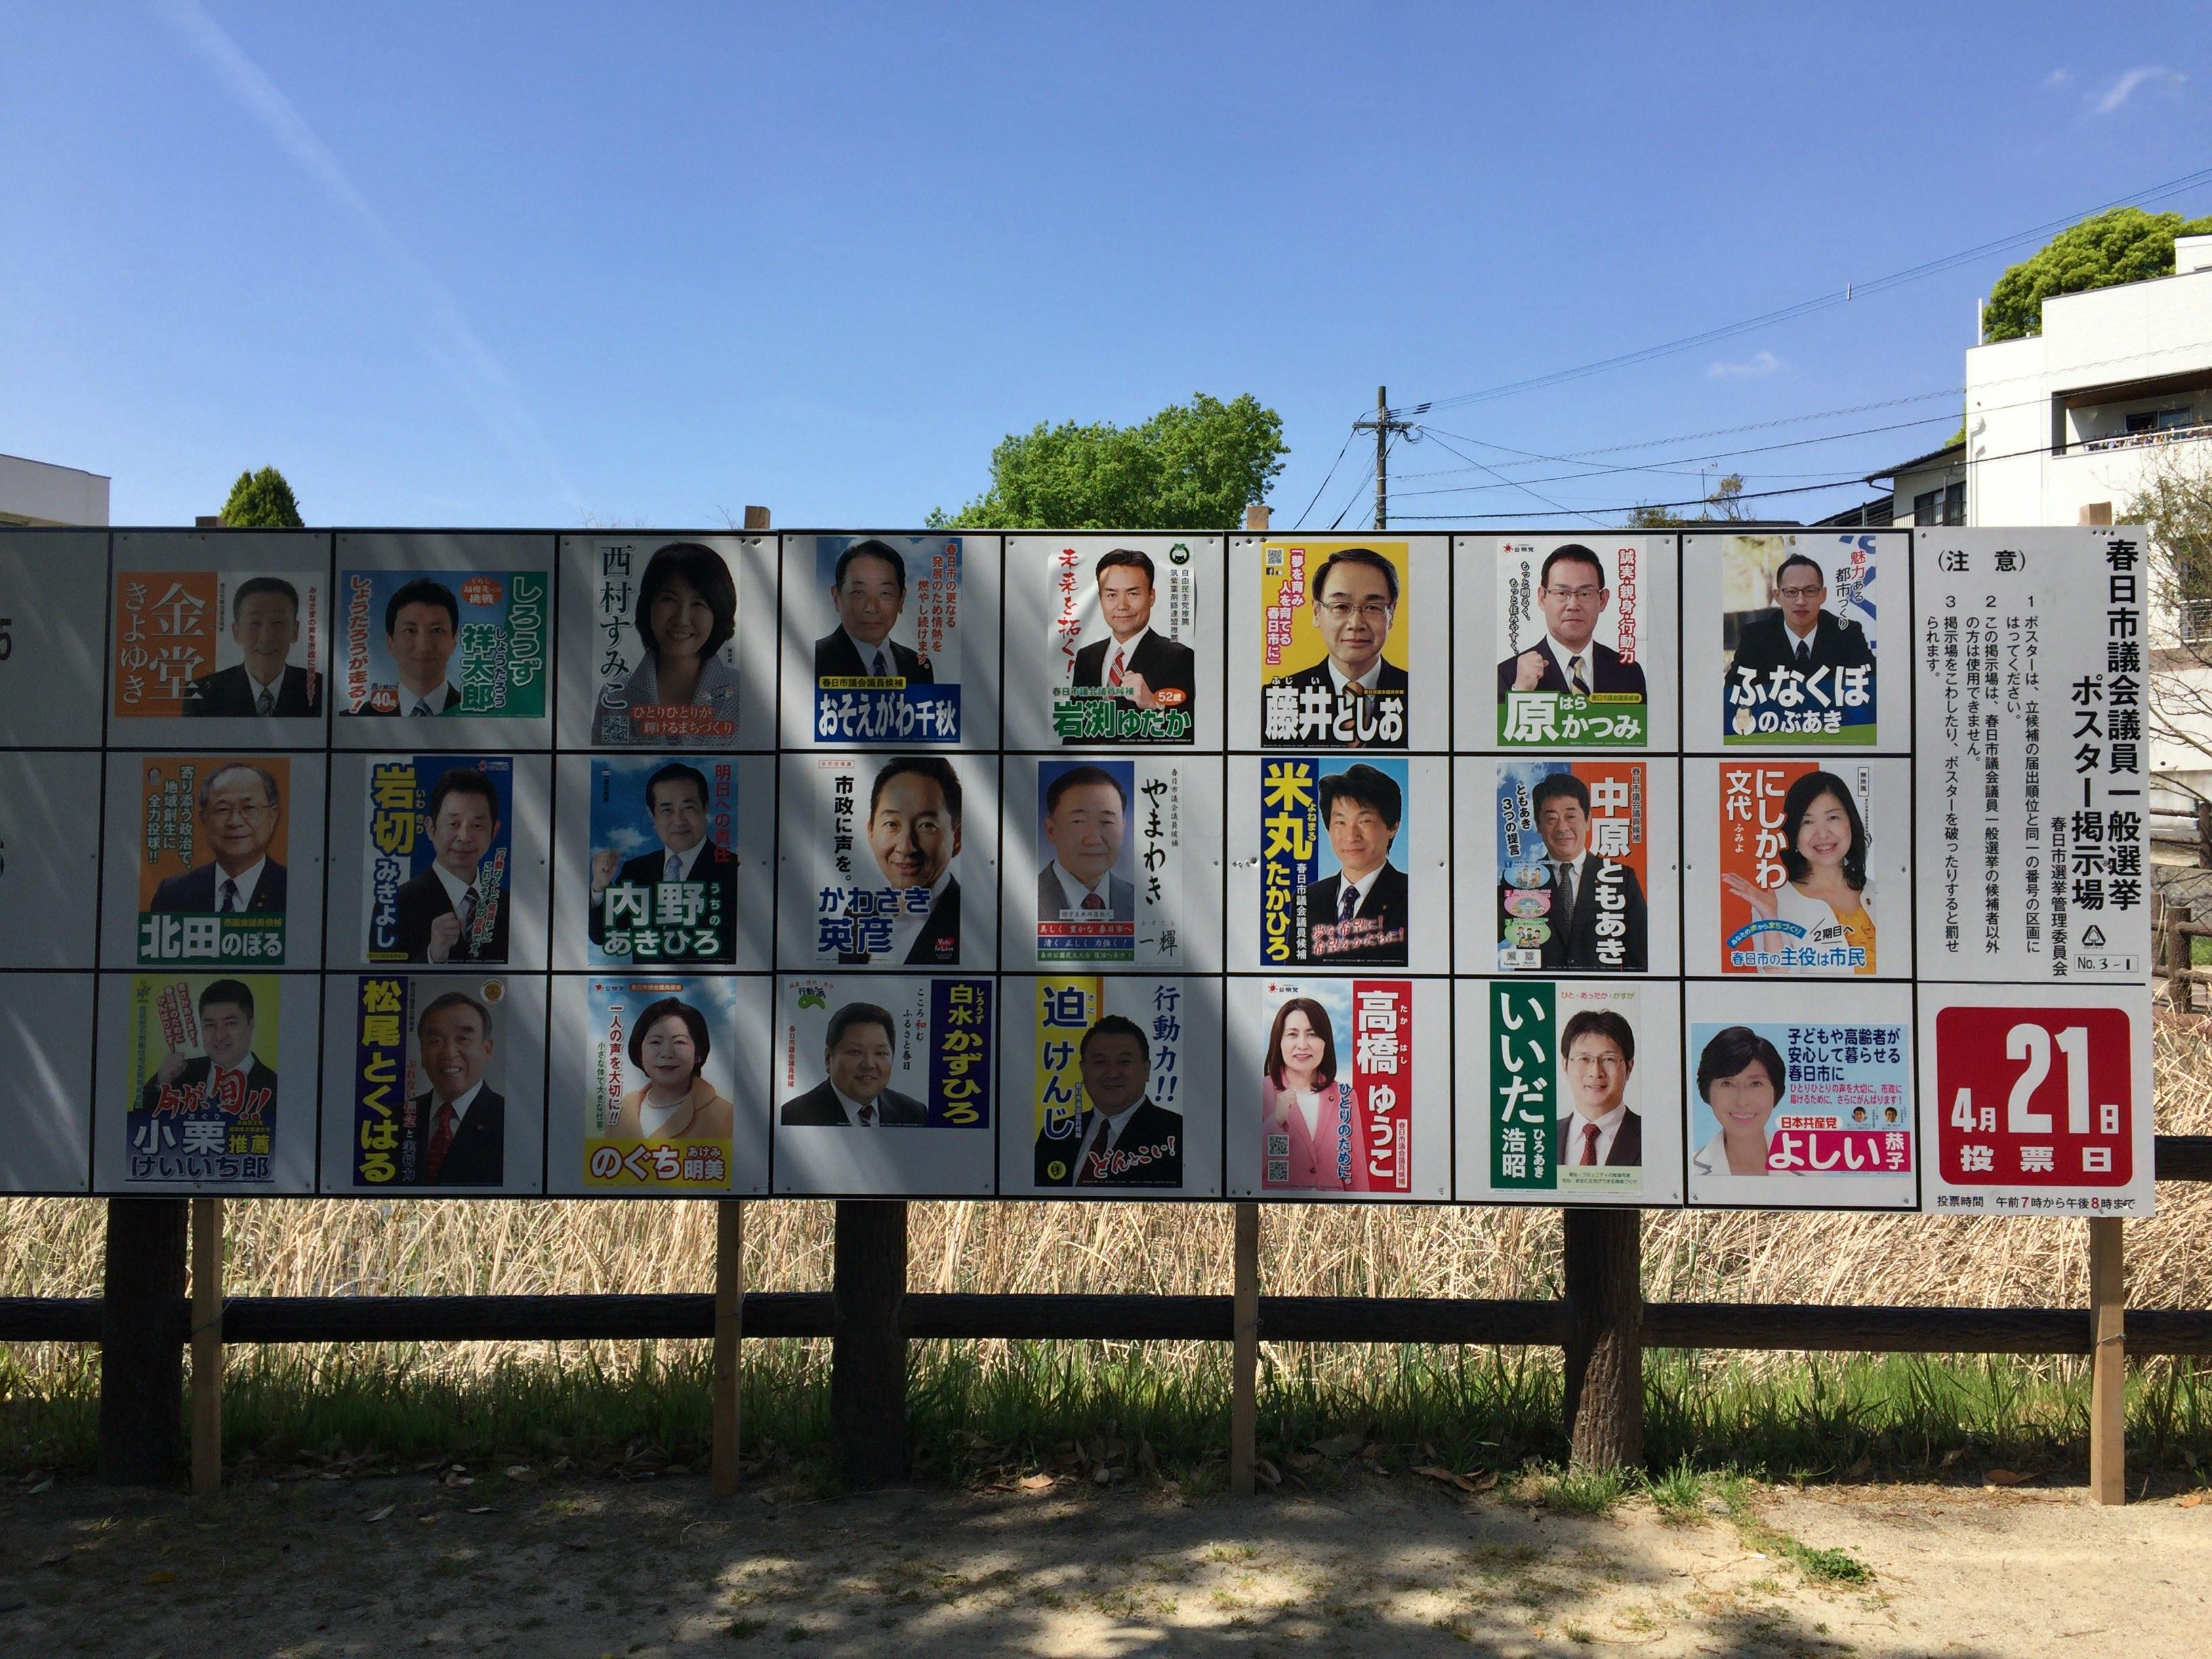 2019年春日市議会議員選挙ポスター掲示板